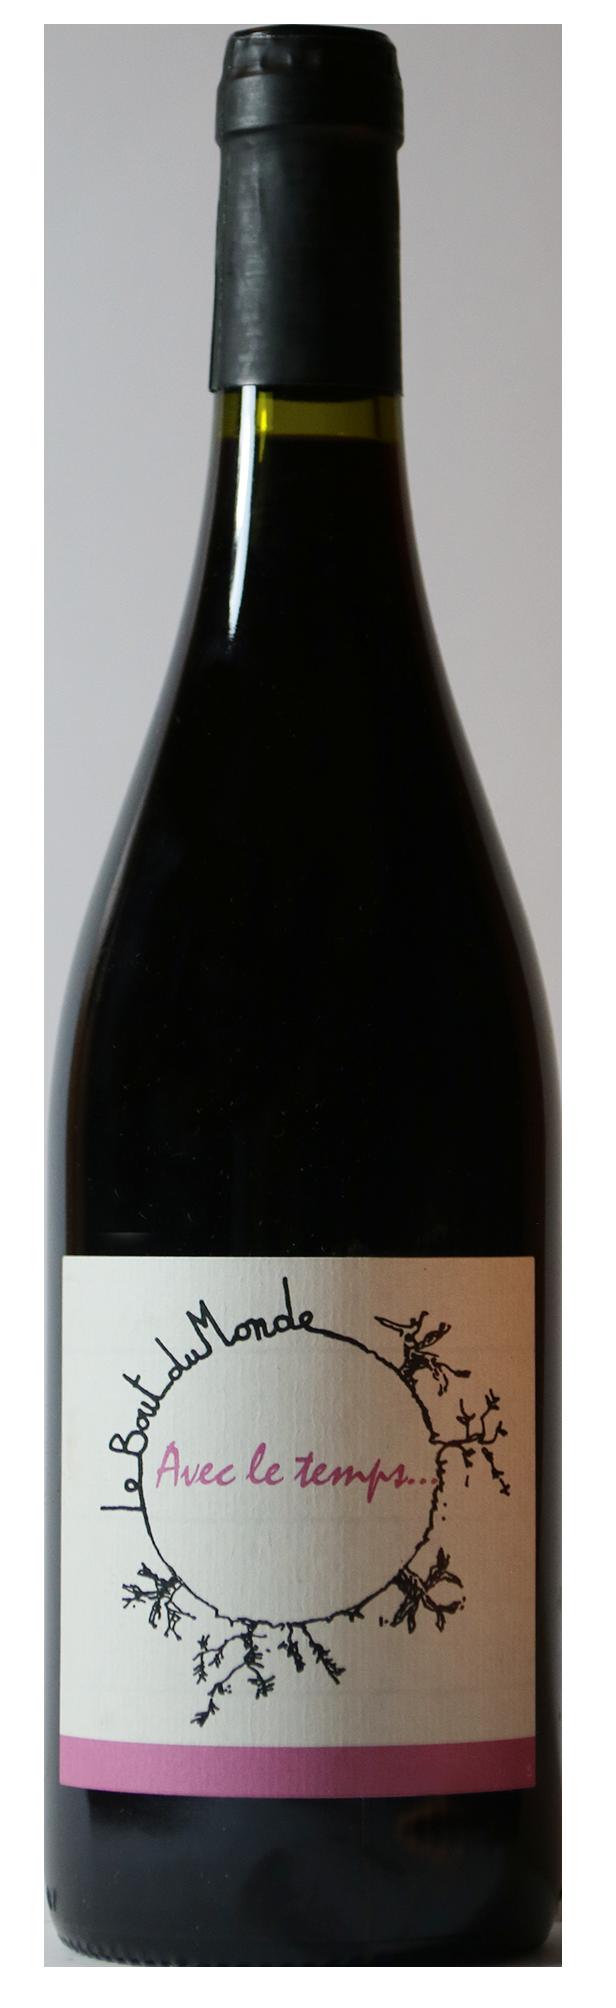 Bouteille de vin rouge naturel, Avec le Temps 2018 Domaine du Bout du Monde